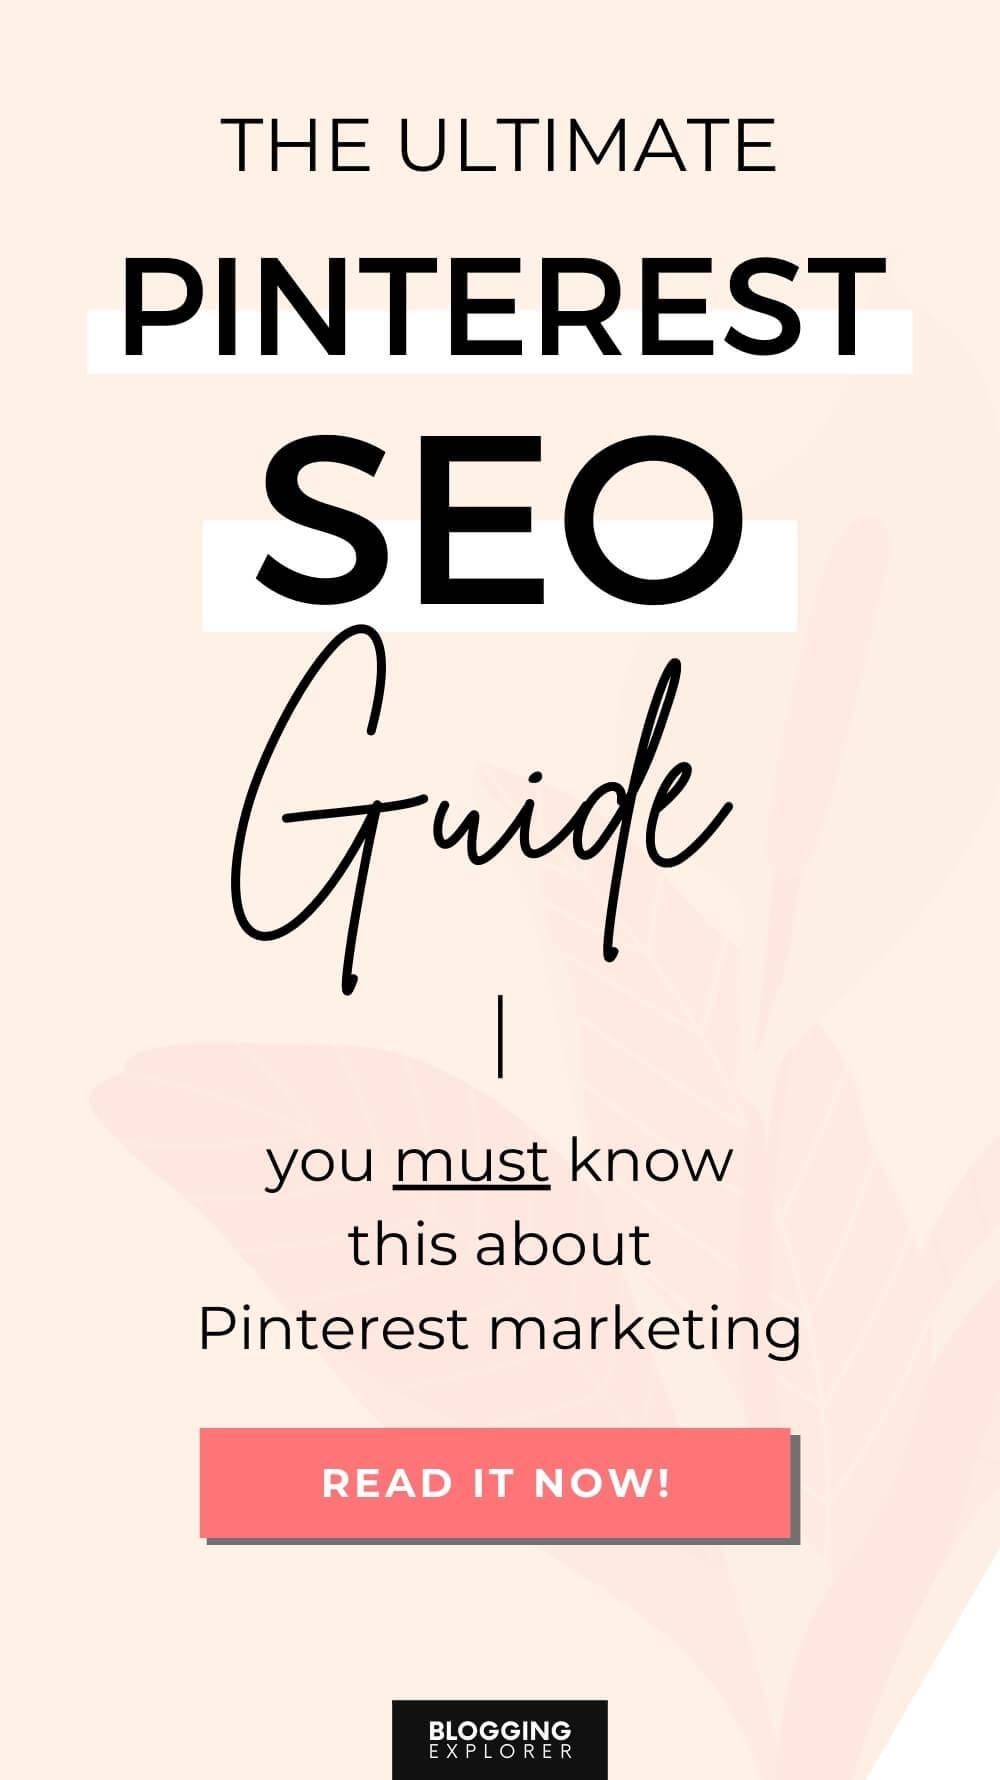 Pinterest SEO guide - Pinterest marketing for beginners